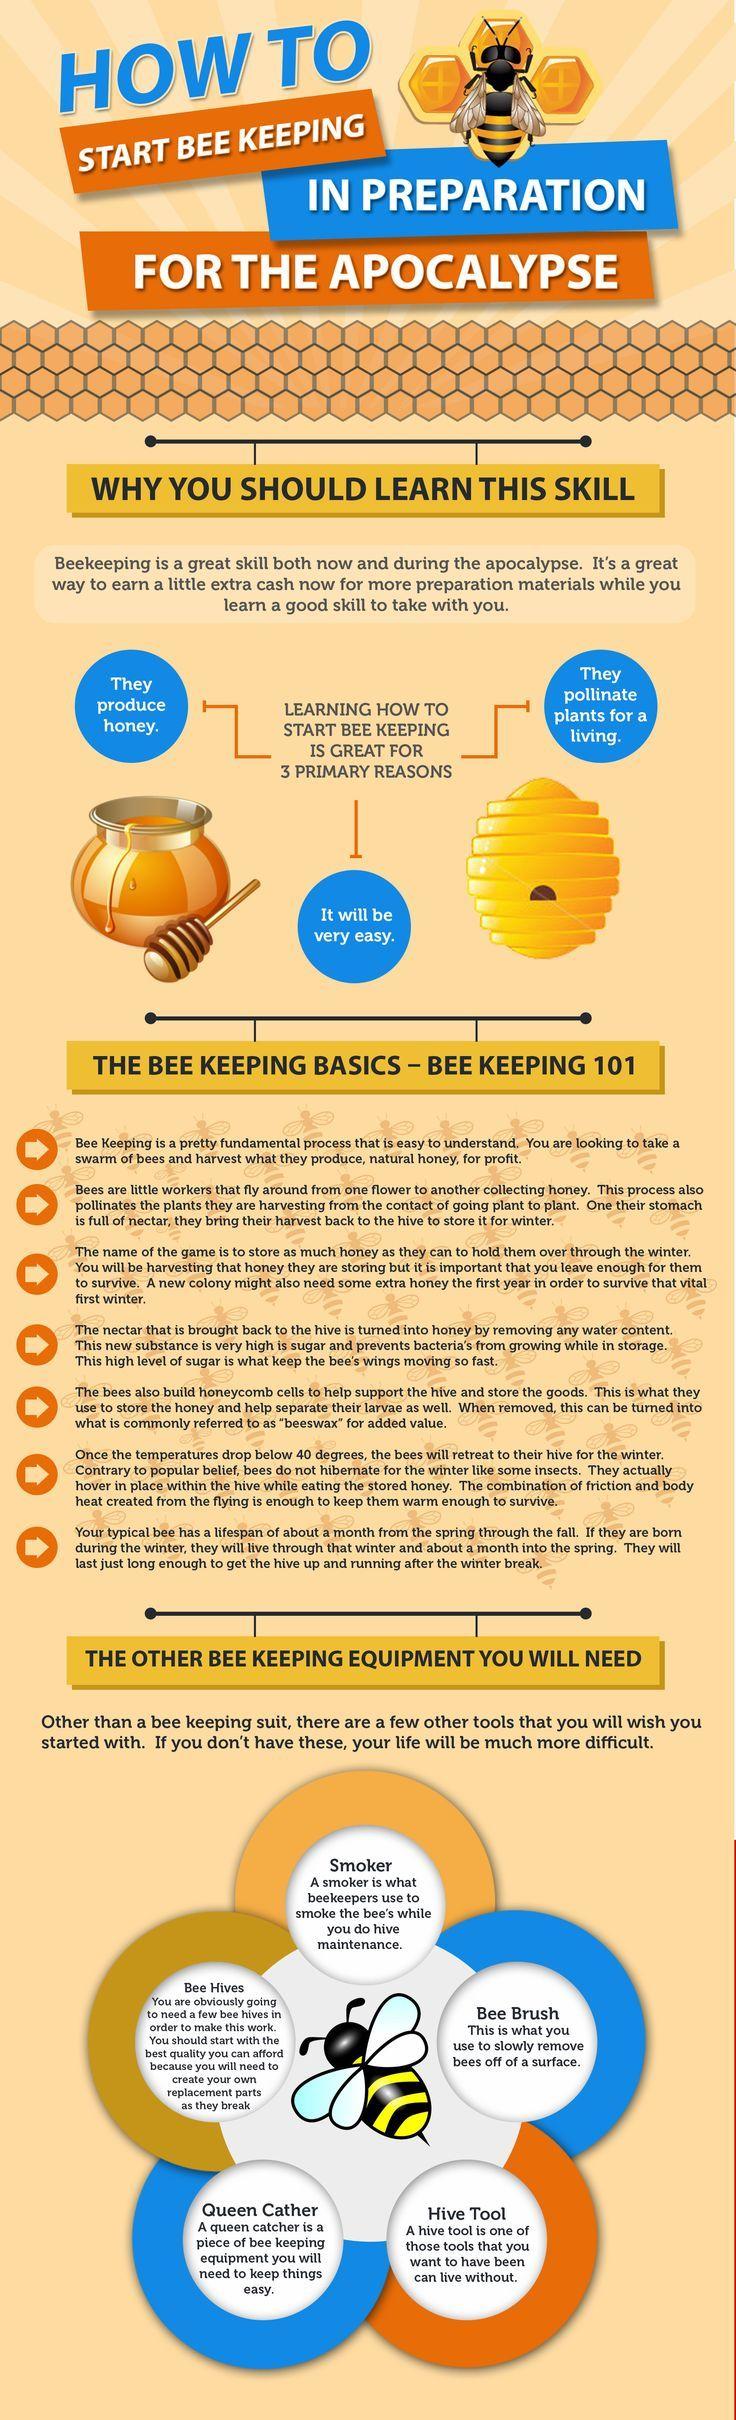 Best Beekeeping Images On Pinterest Bee Keeping Honey Bees - Backyard beekeeping for beginners